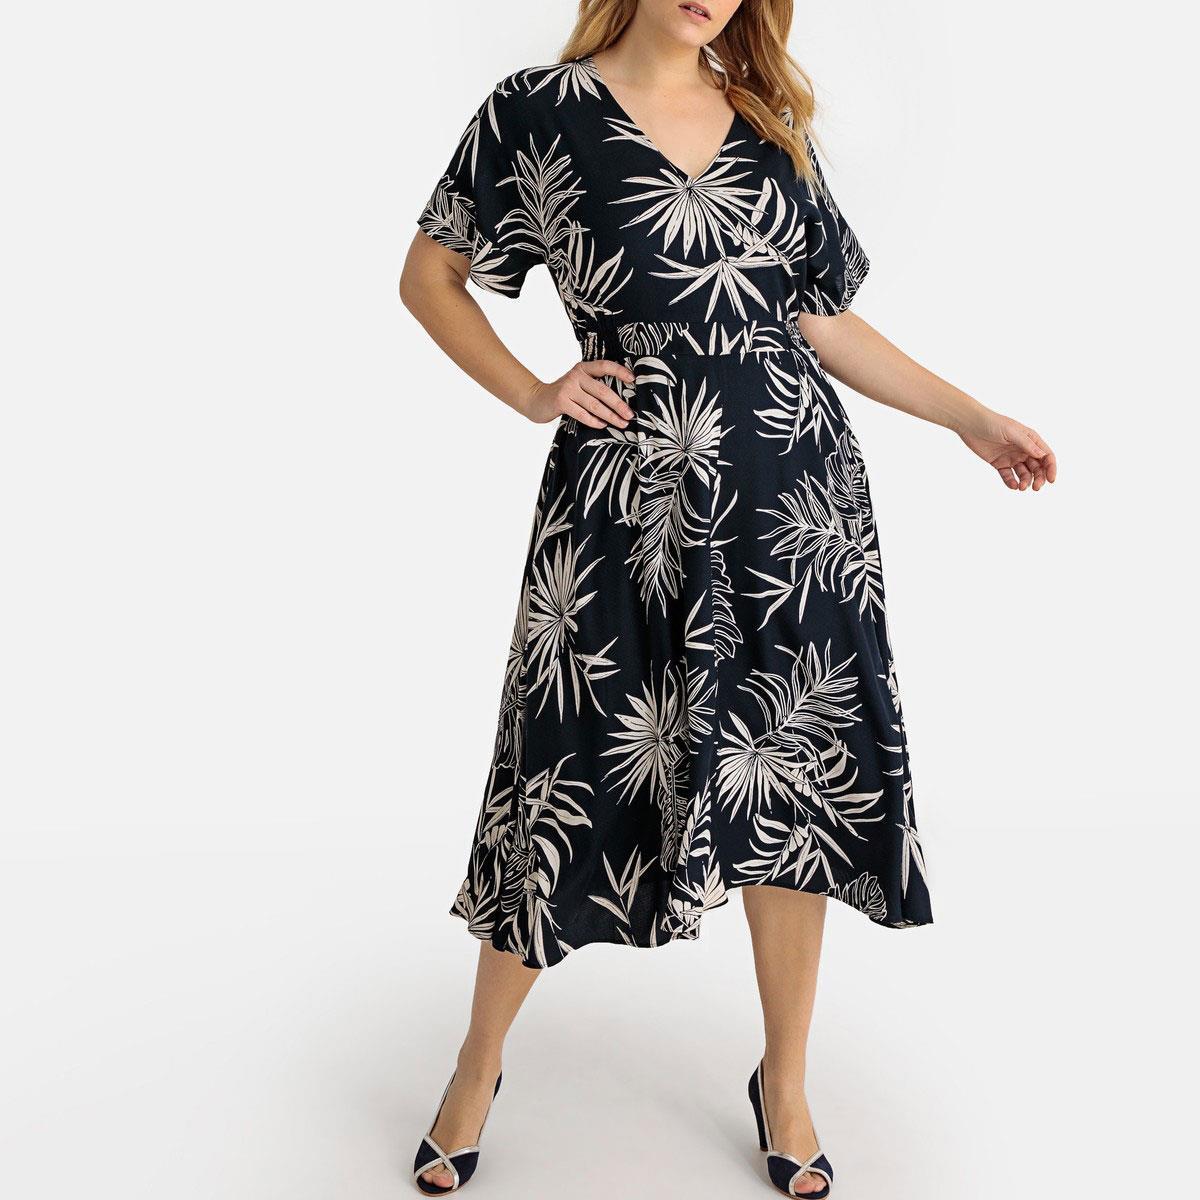 bdc065c2e7 vestidos moda primavera verano 2019 para gorditas de flores. Vestido midi  con estampado de flores